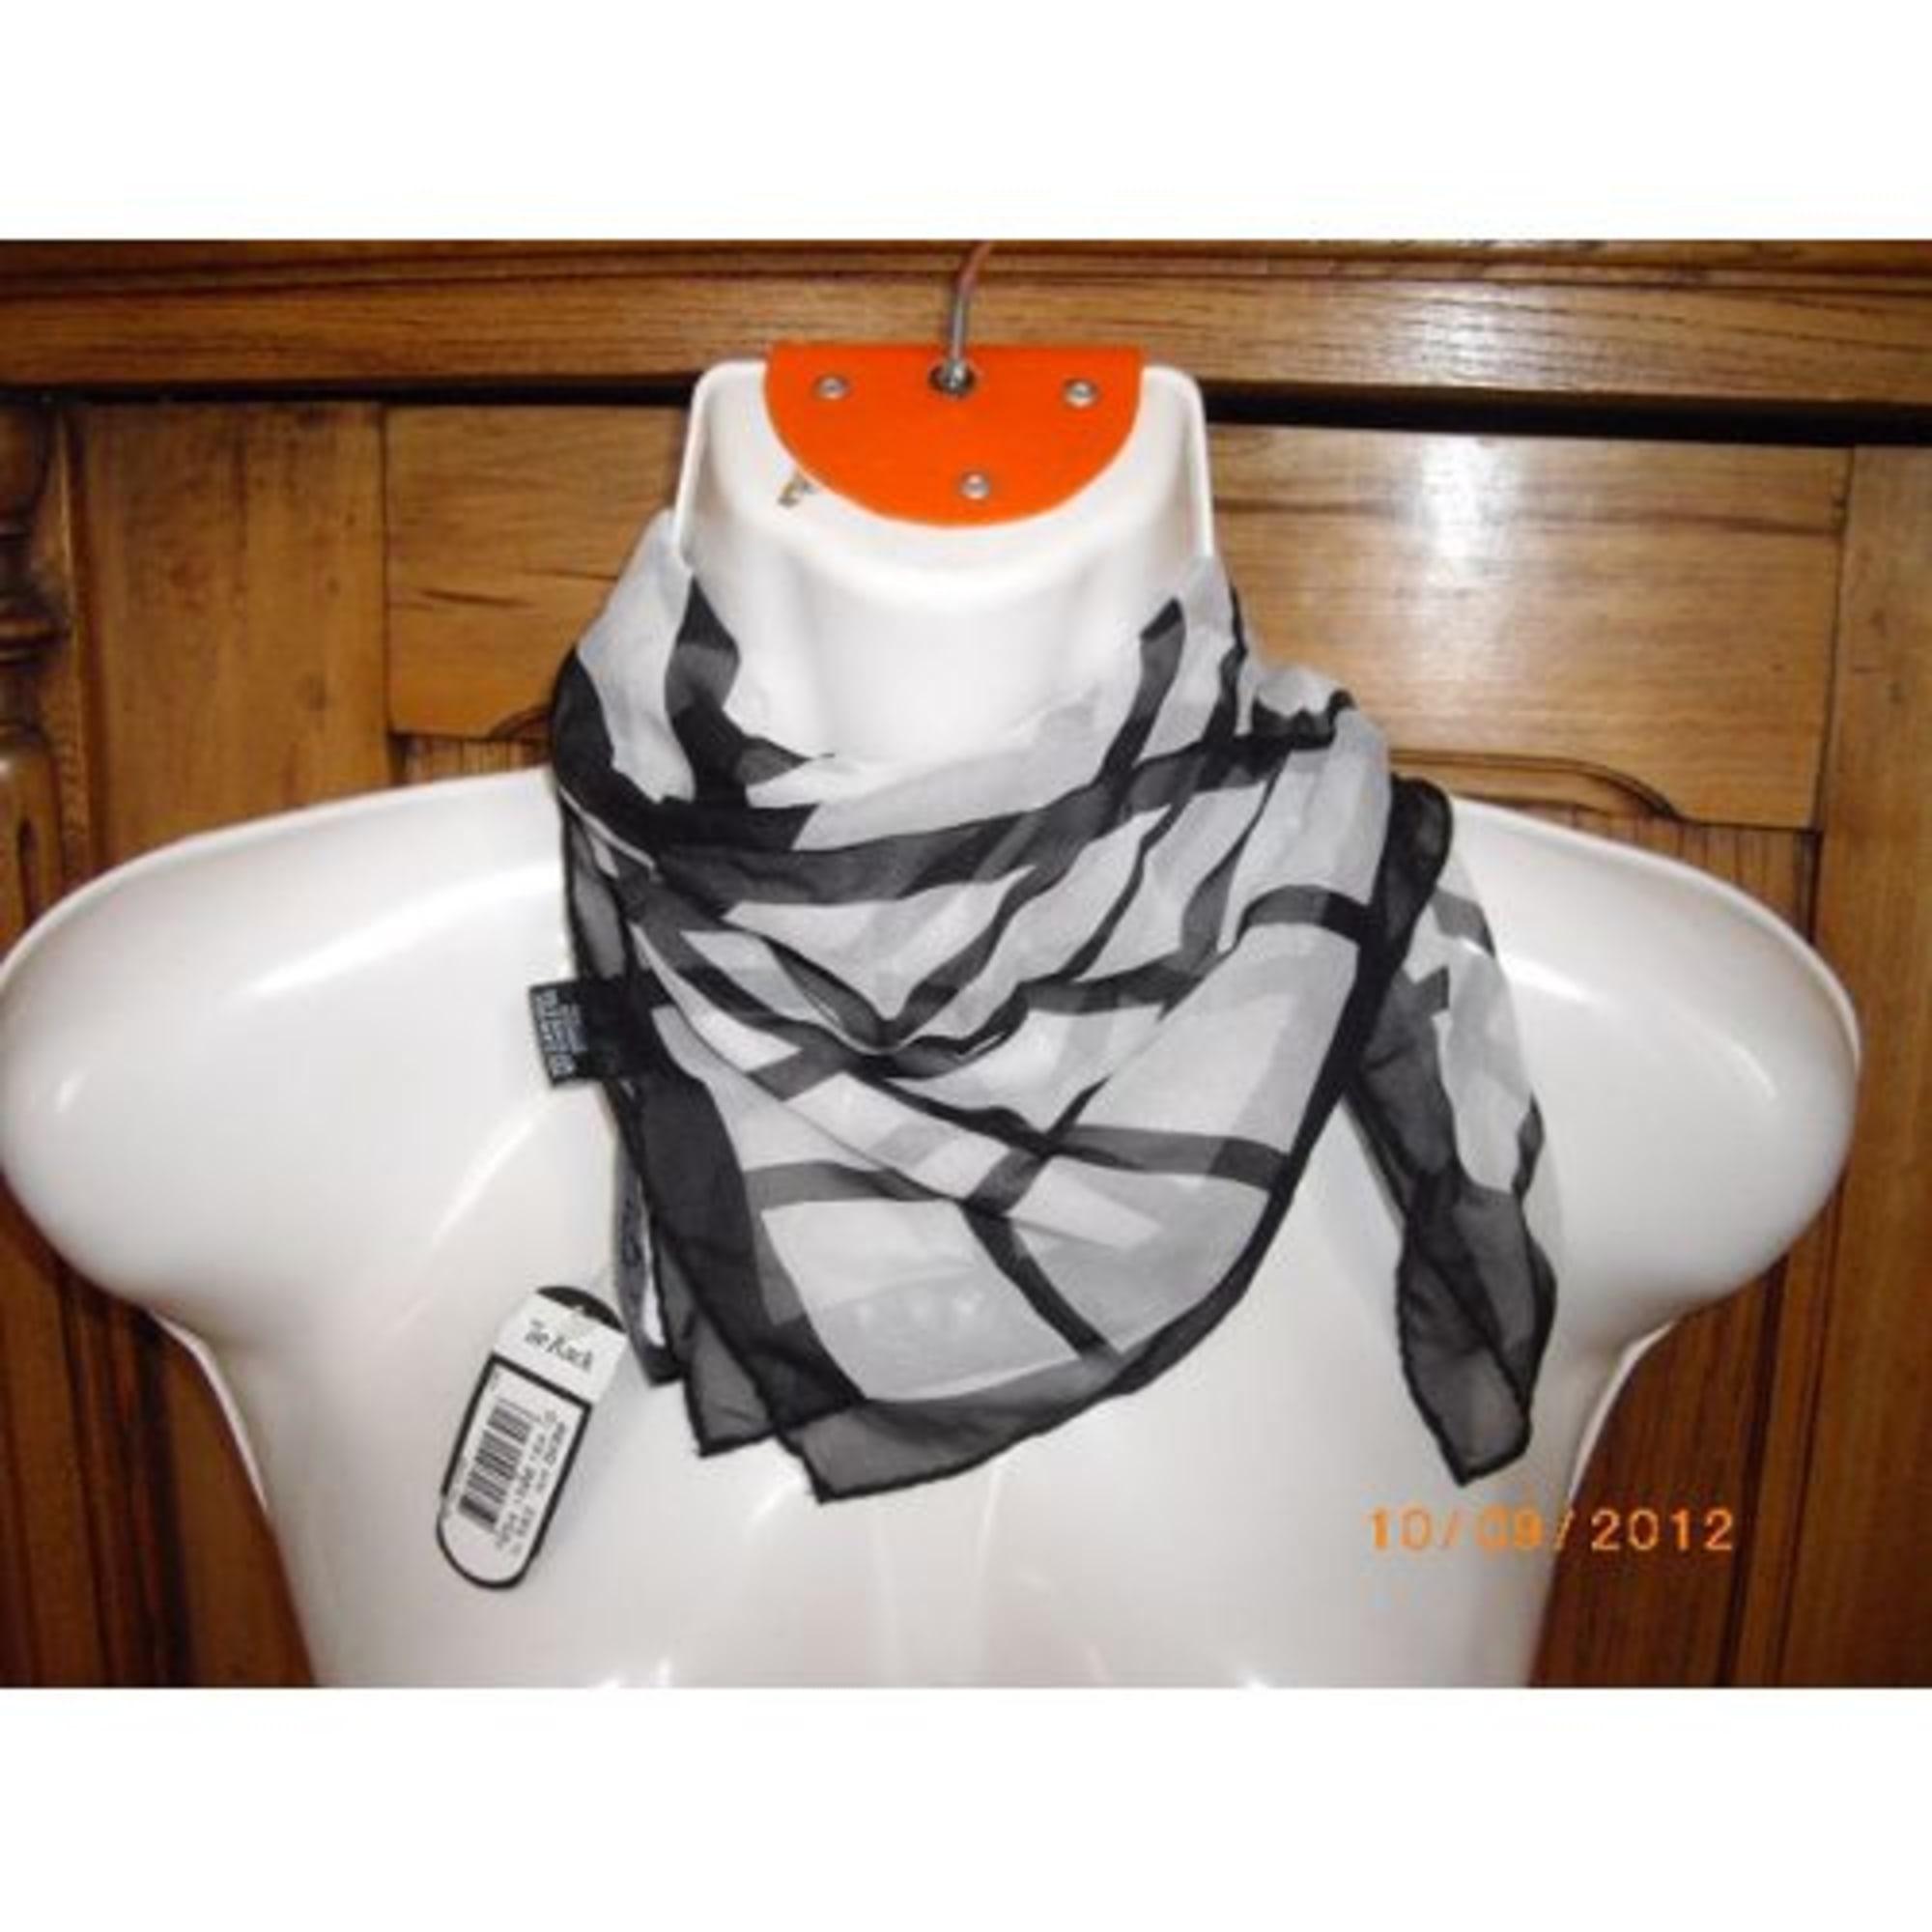 Silk Scarf TIE RACK multicolor vendu par Crisann51848 - 1513629